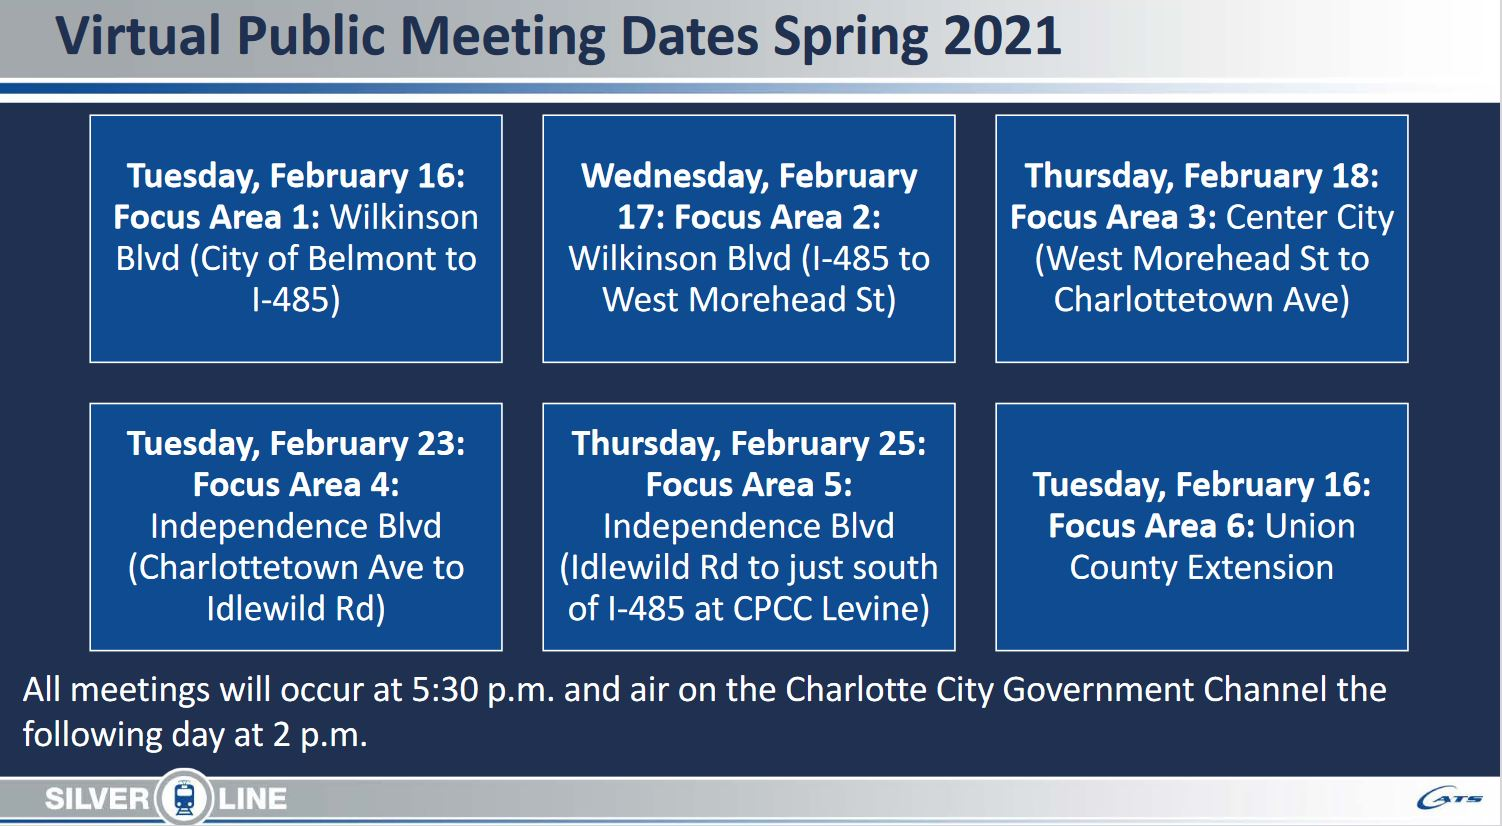 CATS_SL_public_meeting_schedule.JPG